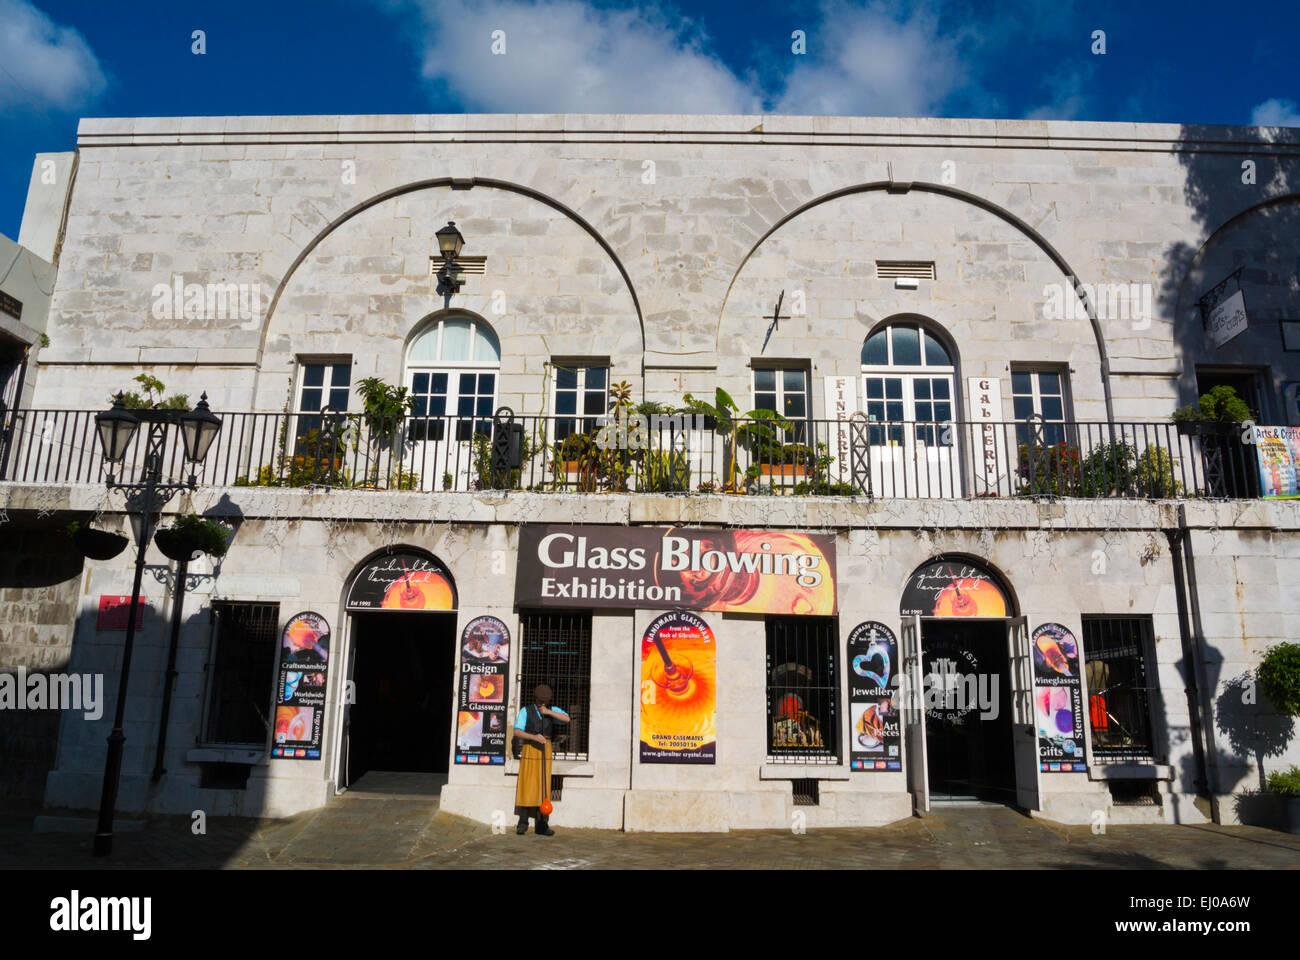 Exhibición de soplado de vidrio y joyería, cristalería, local Grand Casemates Square, Gibraltar, Imagen De Stock